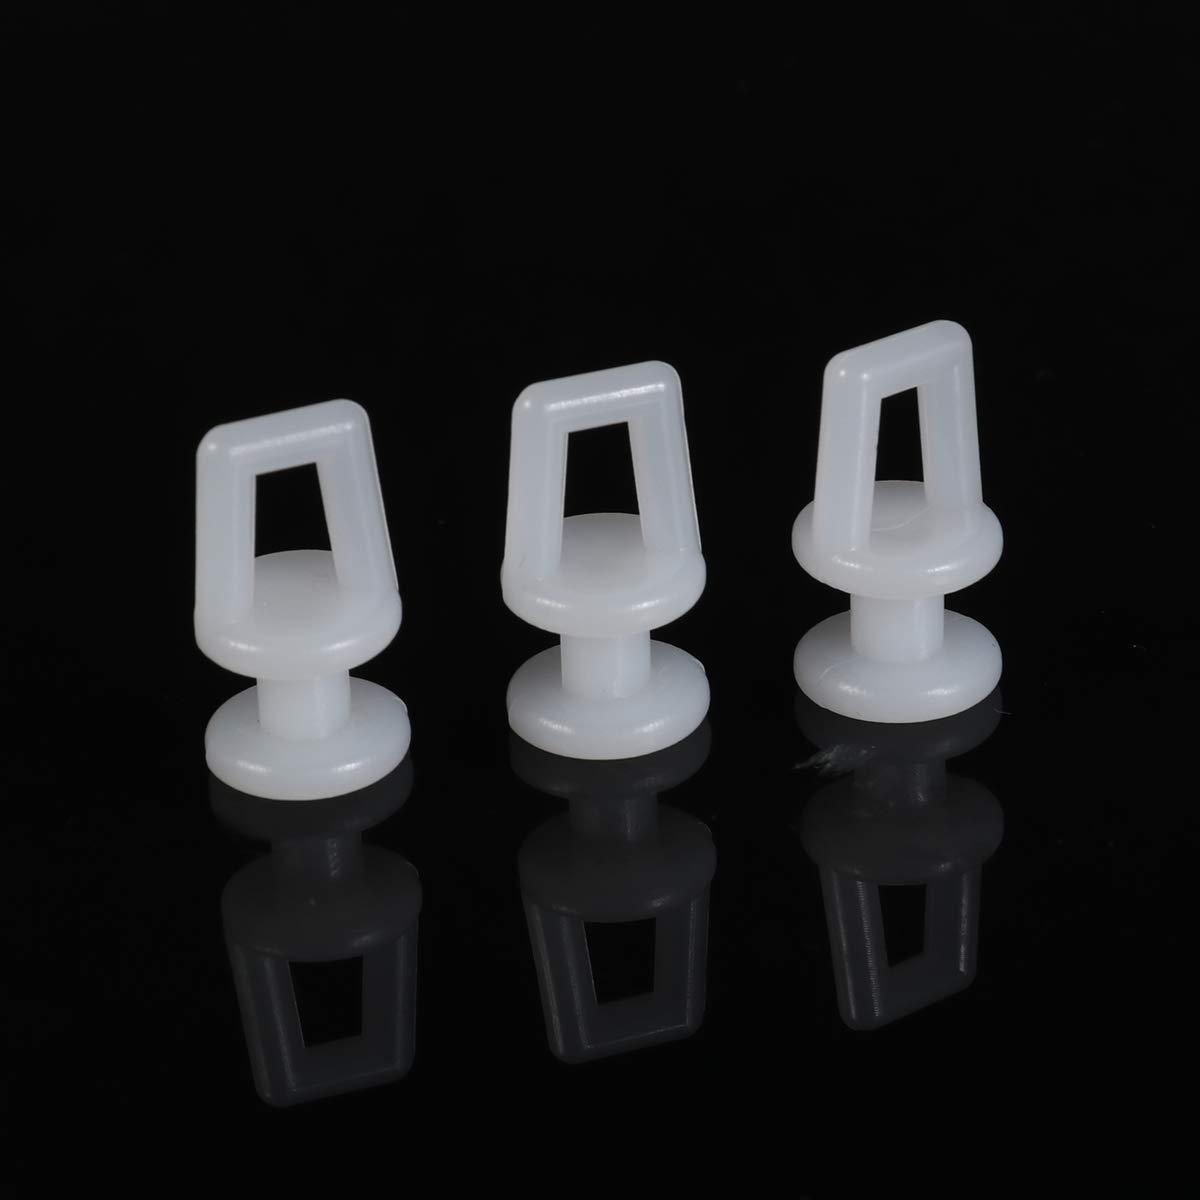 Goolsky 100 Pezzi Fermagli di Fissaggio per Auto Corpo Rivetti in plastica Elementi di Fissaggio Spingere Le Viti del Pannello di Rivestimento della Porta del paraurti con Lo Strumento di rimozione